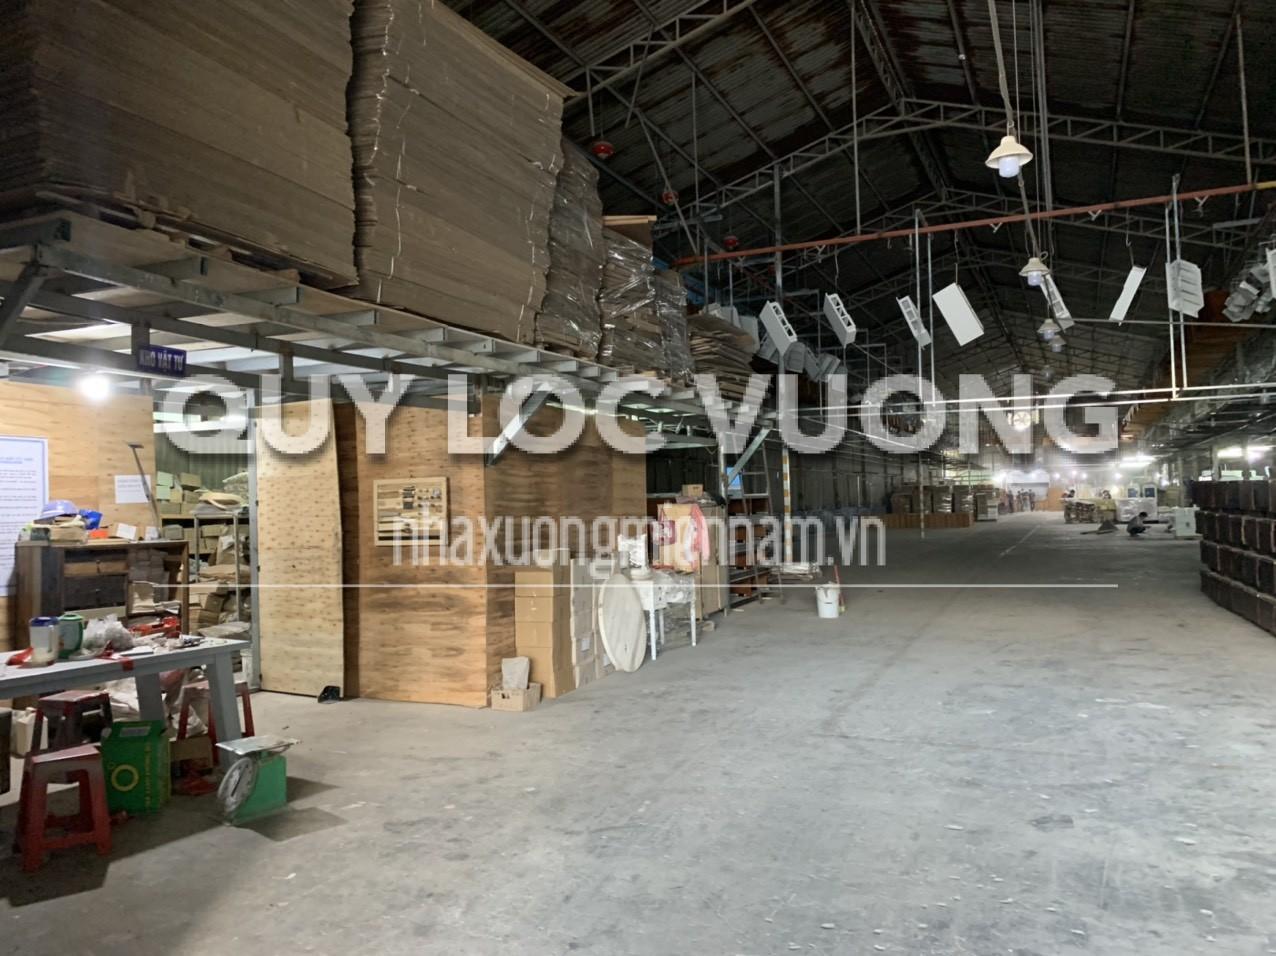 Bán hoặc cho thuê xưởng sản xuất gỗ phường Tân Vĩnh Hiệp Tân Uyên, 2.029m2